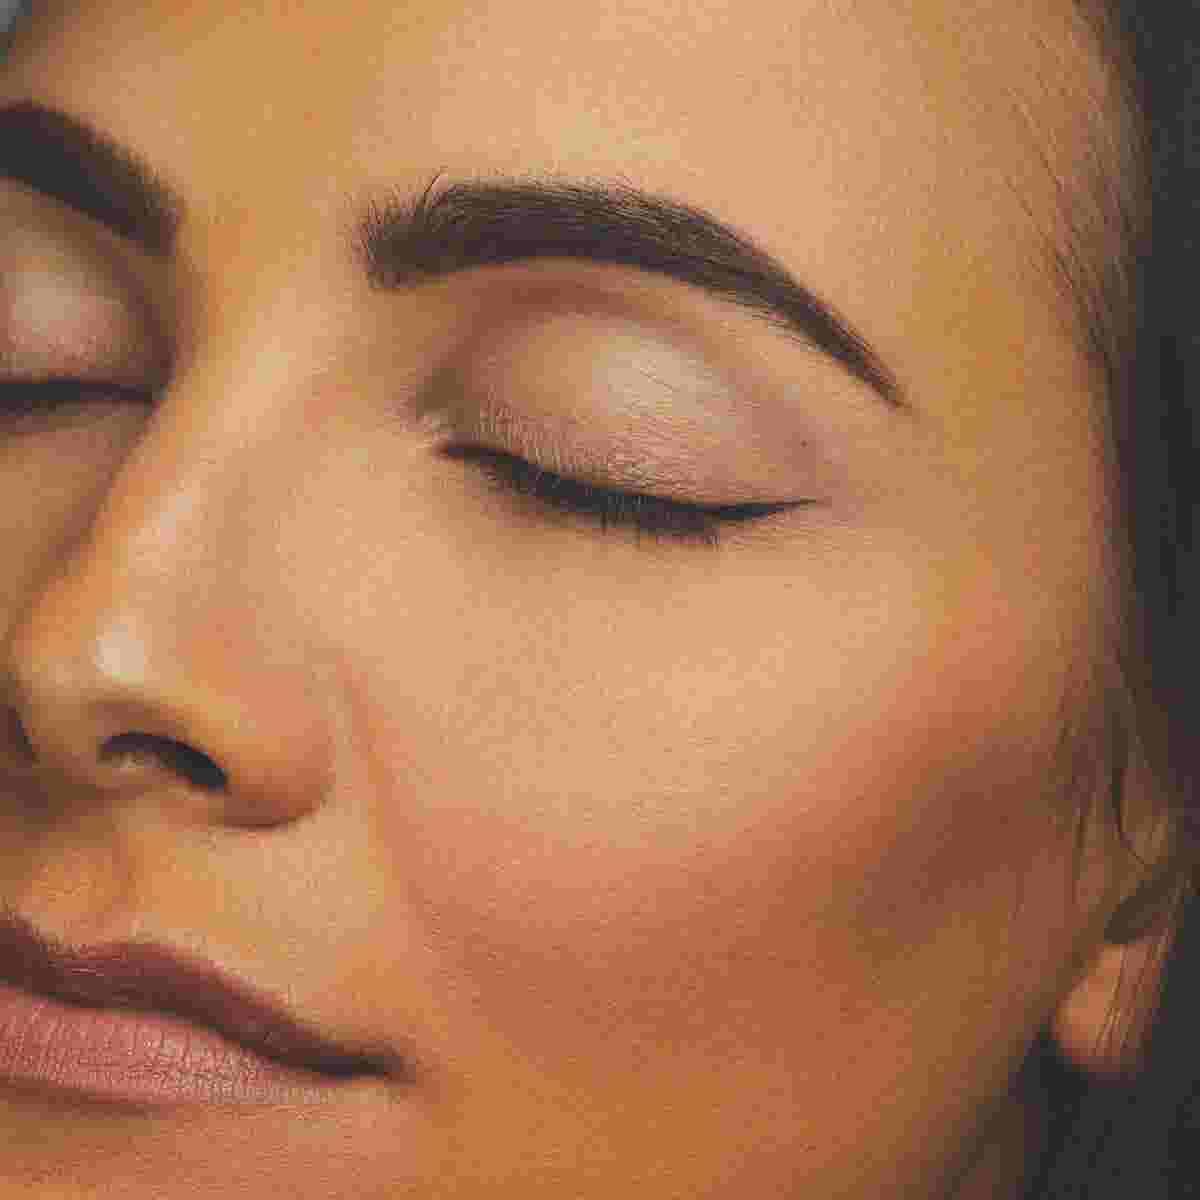 Winged eyeliner tutorial step one